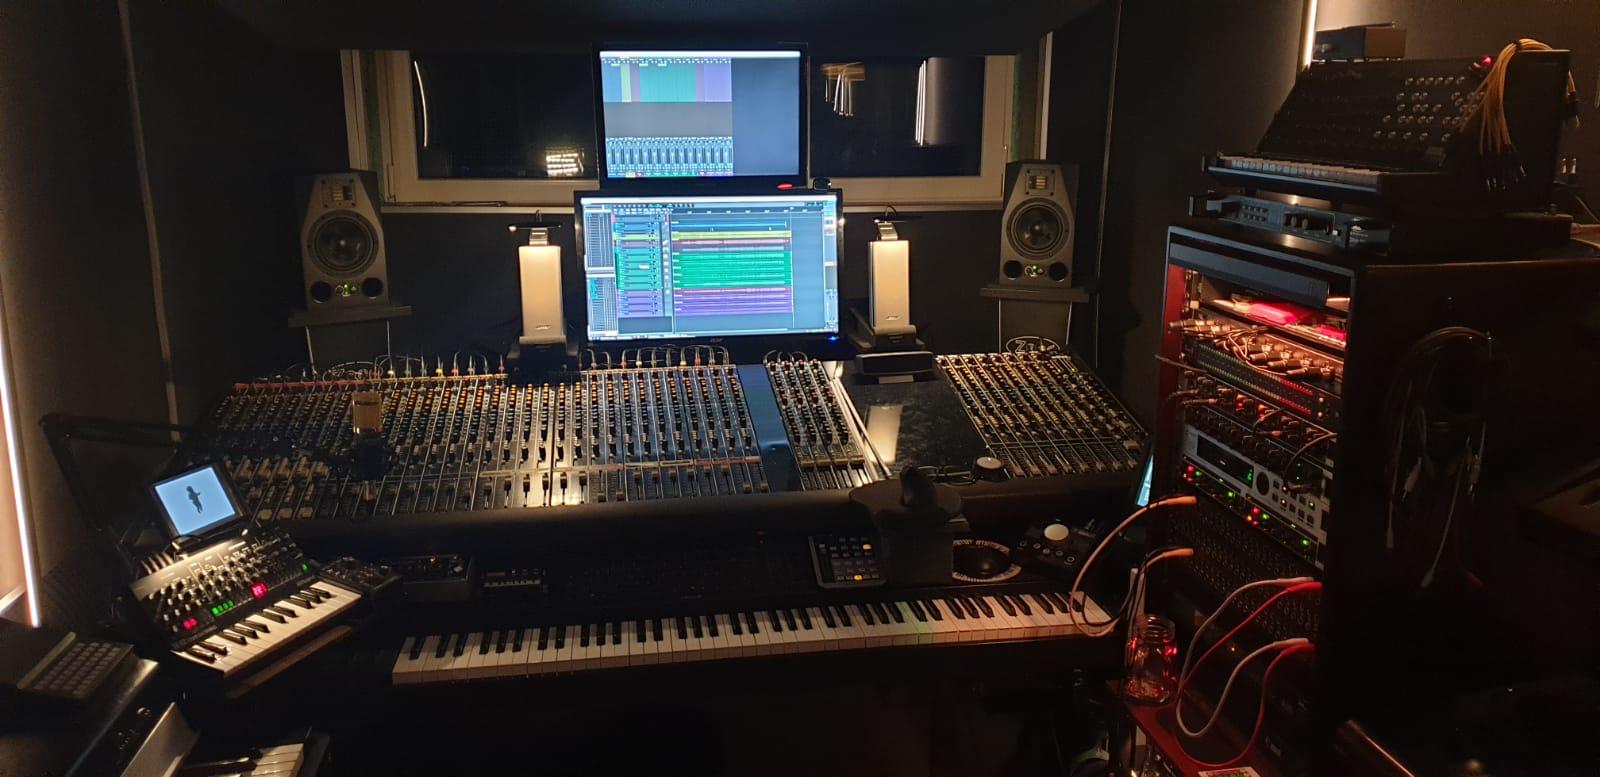 """Akai S3000XL, Roland S-330, ATARI ST mit Unitor, Creator und Cubase 2.01, Commodore-64 mit Midi-IF und \\\""""Supertrack64-Sequenzer\\\"""" sowie \\\""""Messiah-Synthesizer\\\"""", Yamaha DX7, Roland JX8P, Roland SE-02, Roland D-50, Korg M1, Korg N1R, Korg MS-20-USB-Controller mit Legacy-Edition, Dynacord DRP-16, Uher UCT-370CR Kassetten-Deck, Elka EK-44, Novation UltraNova, Heise NanoSynth, Fender Rhodes Mark I (1976) mit Fender Sidekick 60-Verstärker und diversen \\\""""Fußtretern\\\"""", Casio PT-82, Mini-Theremin, Roland R8M, Roland Super-JV (JV-1080), Behringer Neutron mit Overlay, Korg SQ-1 Sequenzer, Korg NTS-1, Brunswick Synthesizer, Modal Craft Rhythm, ZX-DRUM (Selbstbau auf Arduino-Basis - emuliert eine Korg MiniPops), Doepfer Dark Link Midi2CV, Mitec-EX-Mischpult (32 Kanal), Behringer RX-1602, Behringer HA-6000, Behringer MDX-1400, diverse Mikrofone, Motu-24io (PCIe), Patchbay-System, Niche Audio-Control-Module (Midi/Audio), Focusrite Scarlett 6/6, iConnectivity Mio-XL, Reaper-DAW/Windows, Presonus Faderprot (V1), Sinclair ZX81 mit MIDI-OUT, Selbstbau-Synth (ZX-One), Mackie BigKnob, Adam A7X-Monitore, Bose-Companion20-Monitore, diverse Selbstbau Filter und viel Kram, den ich gar nicht brauche..."""